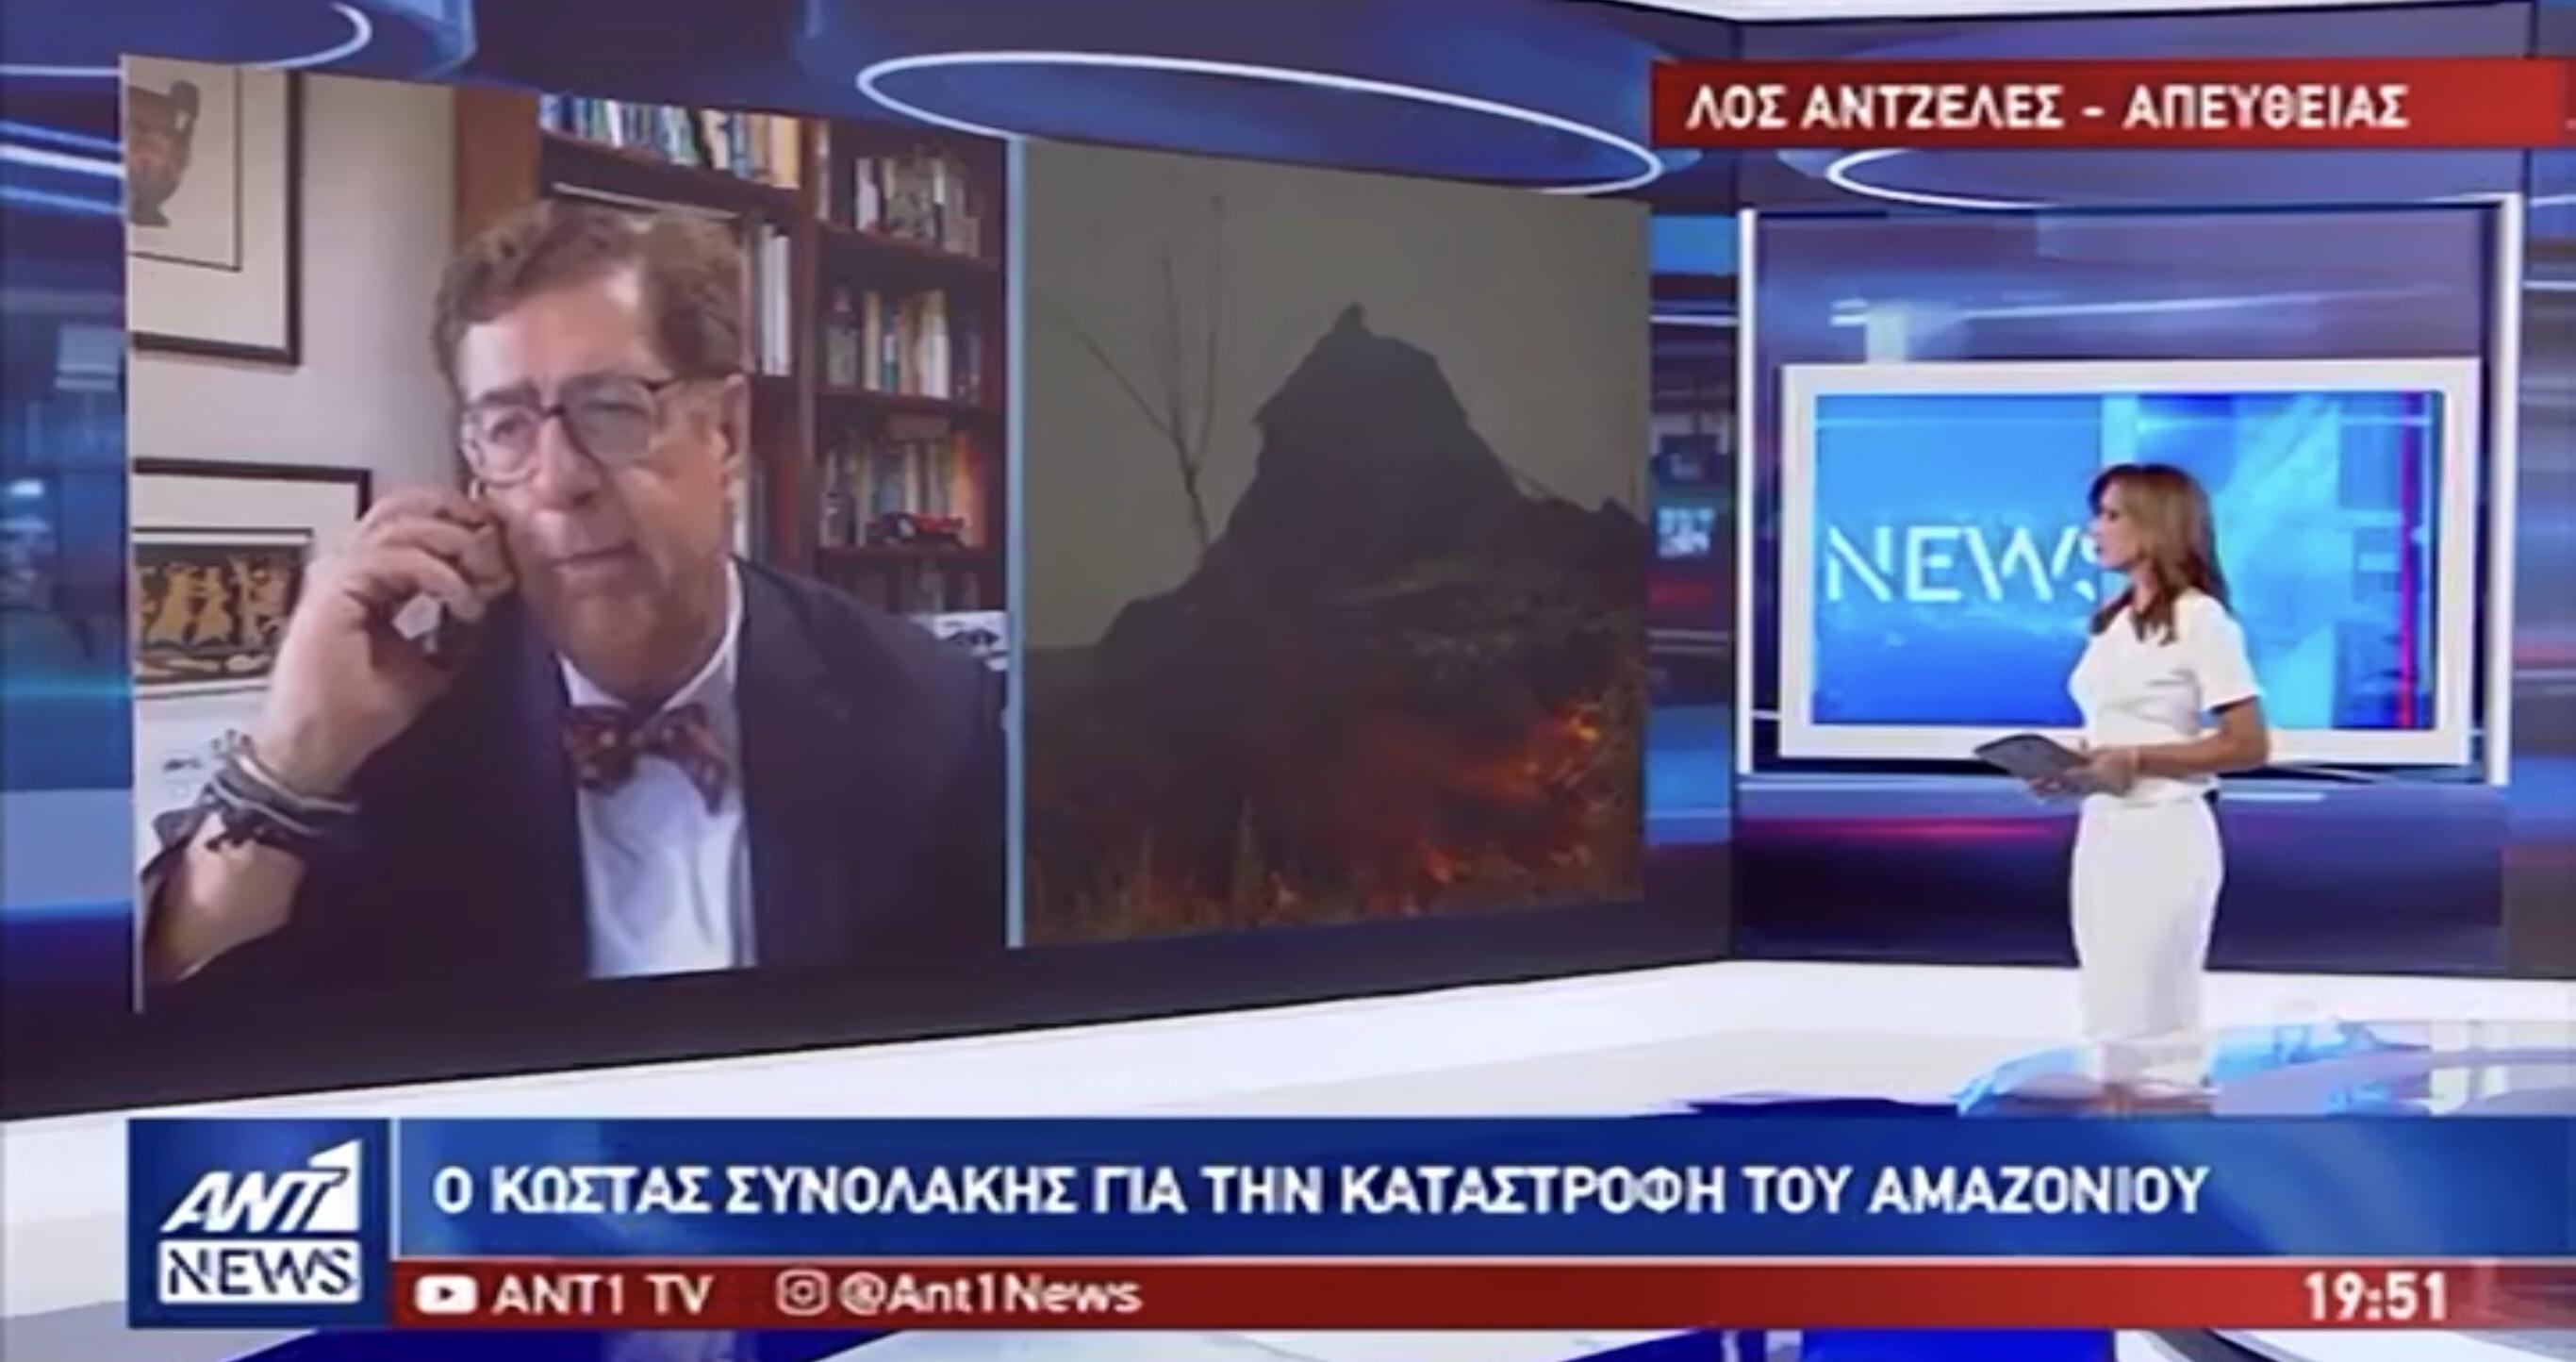 Ο καθηγητής Συνολάκης επιβεβαιώνει το Ολυμπία για τον εγκληματία Μπολσονάρου: Αυτός έδωσε το πράσινο φως για τις φωτιές στον Αμαζόνιο!